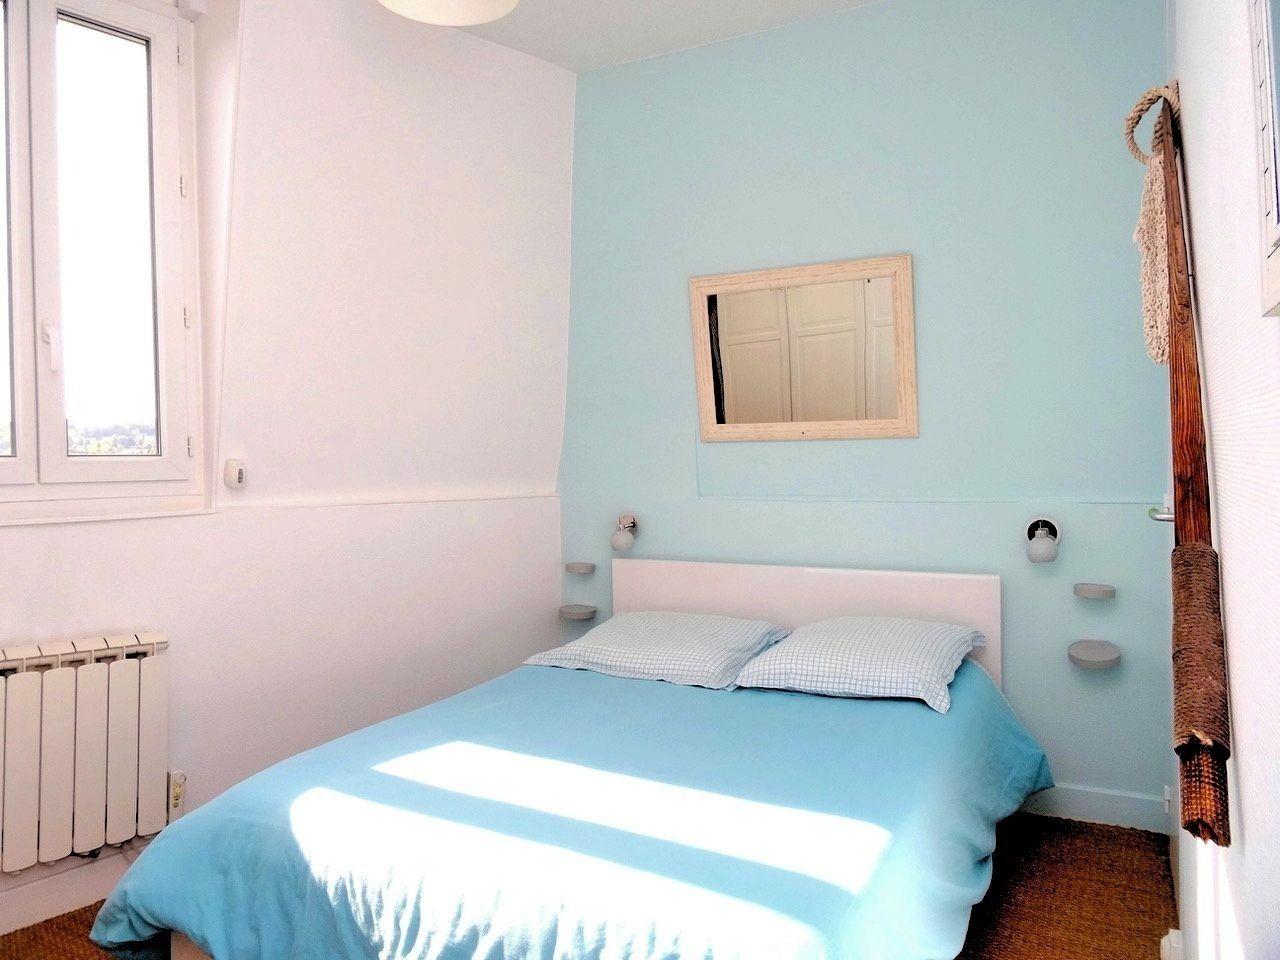 10-chambre-parentale-appartement-a-vendre-la-clef-des-villes-agence-immobiliere-villers-sur-mer